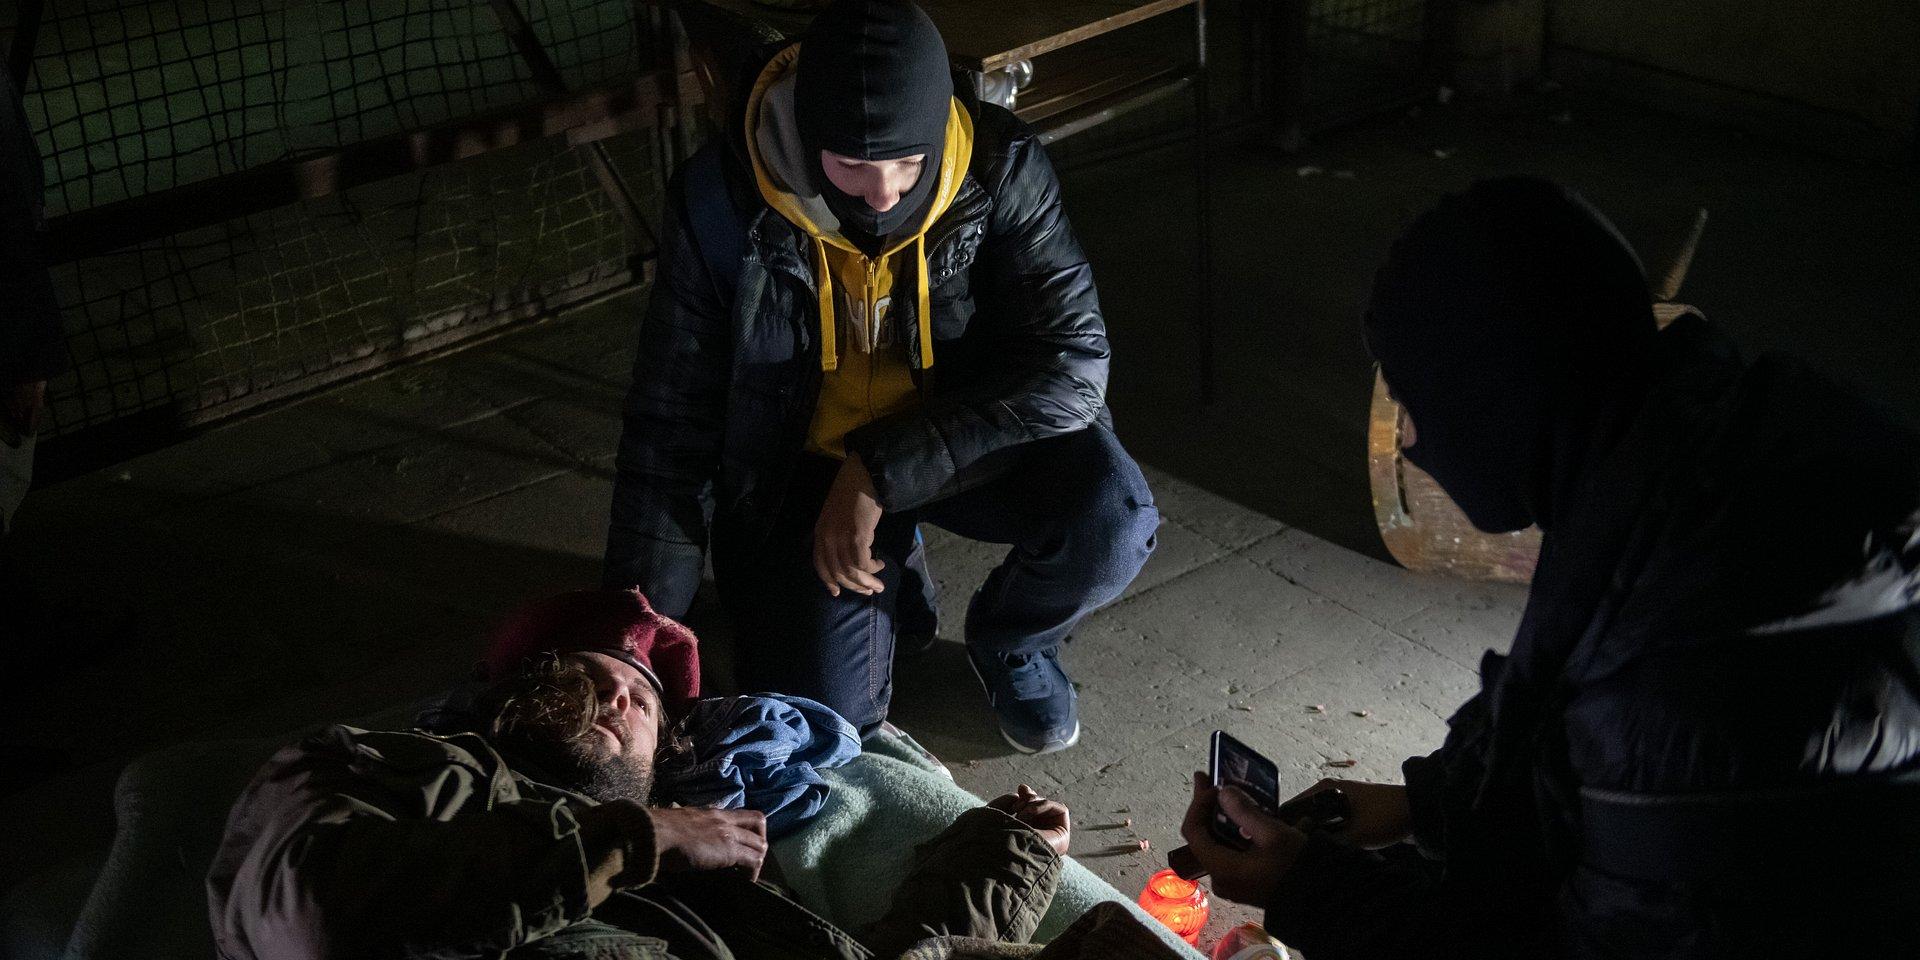 Na Wspólnej: Smolny widzi, jak Przemek i Kuba znęcają się nad bezdomnym!